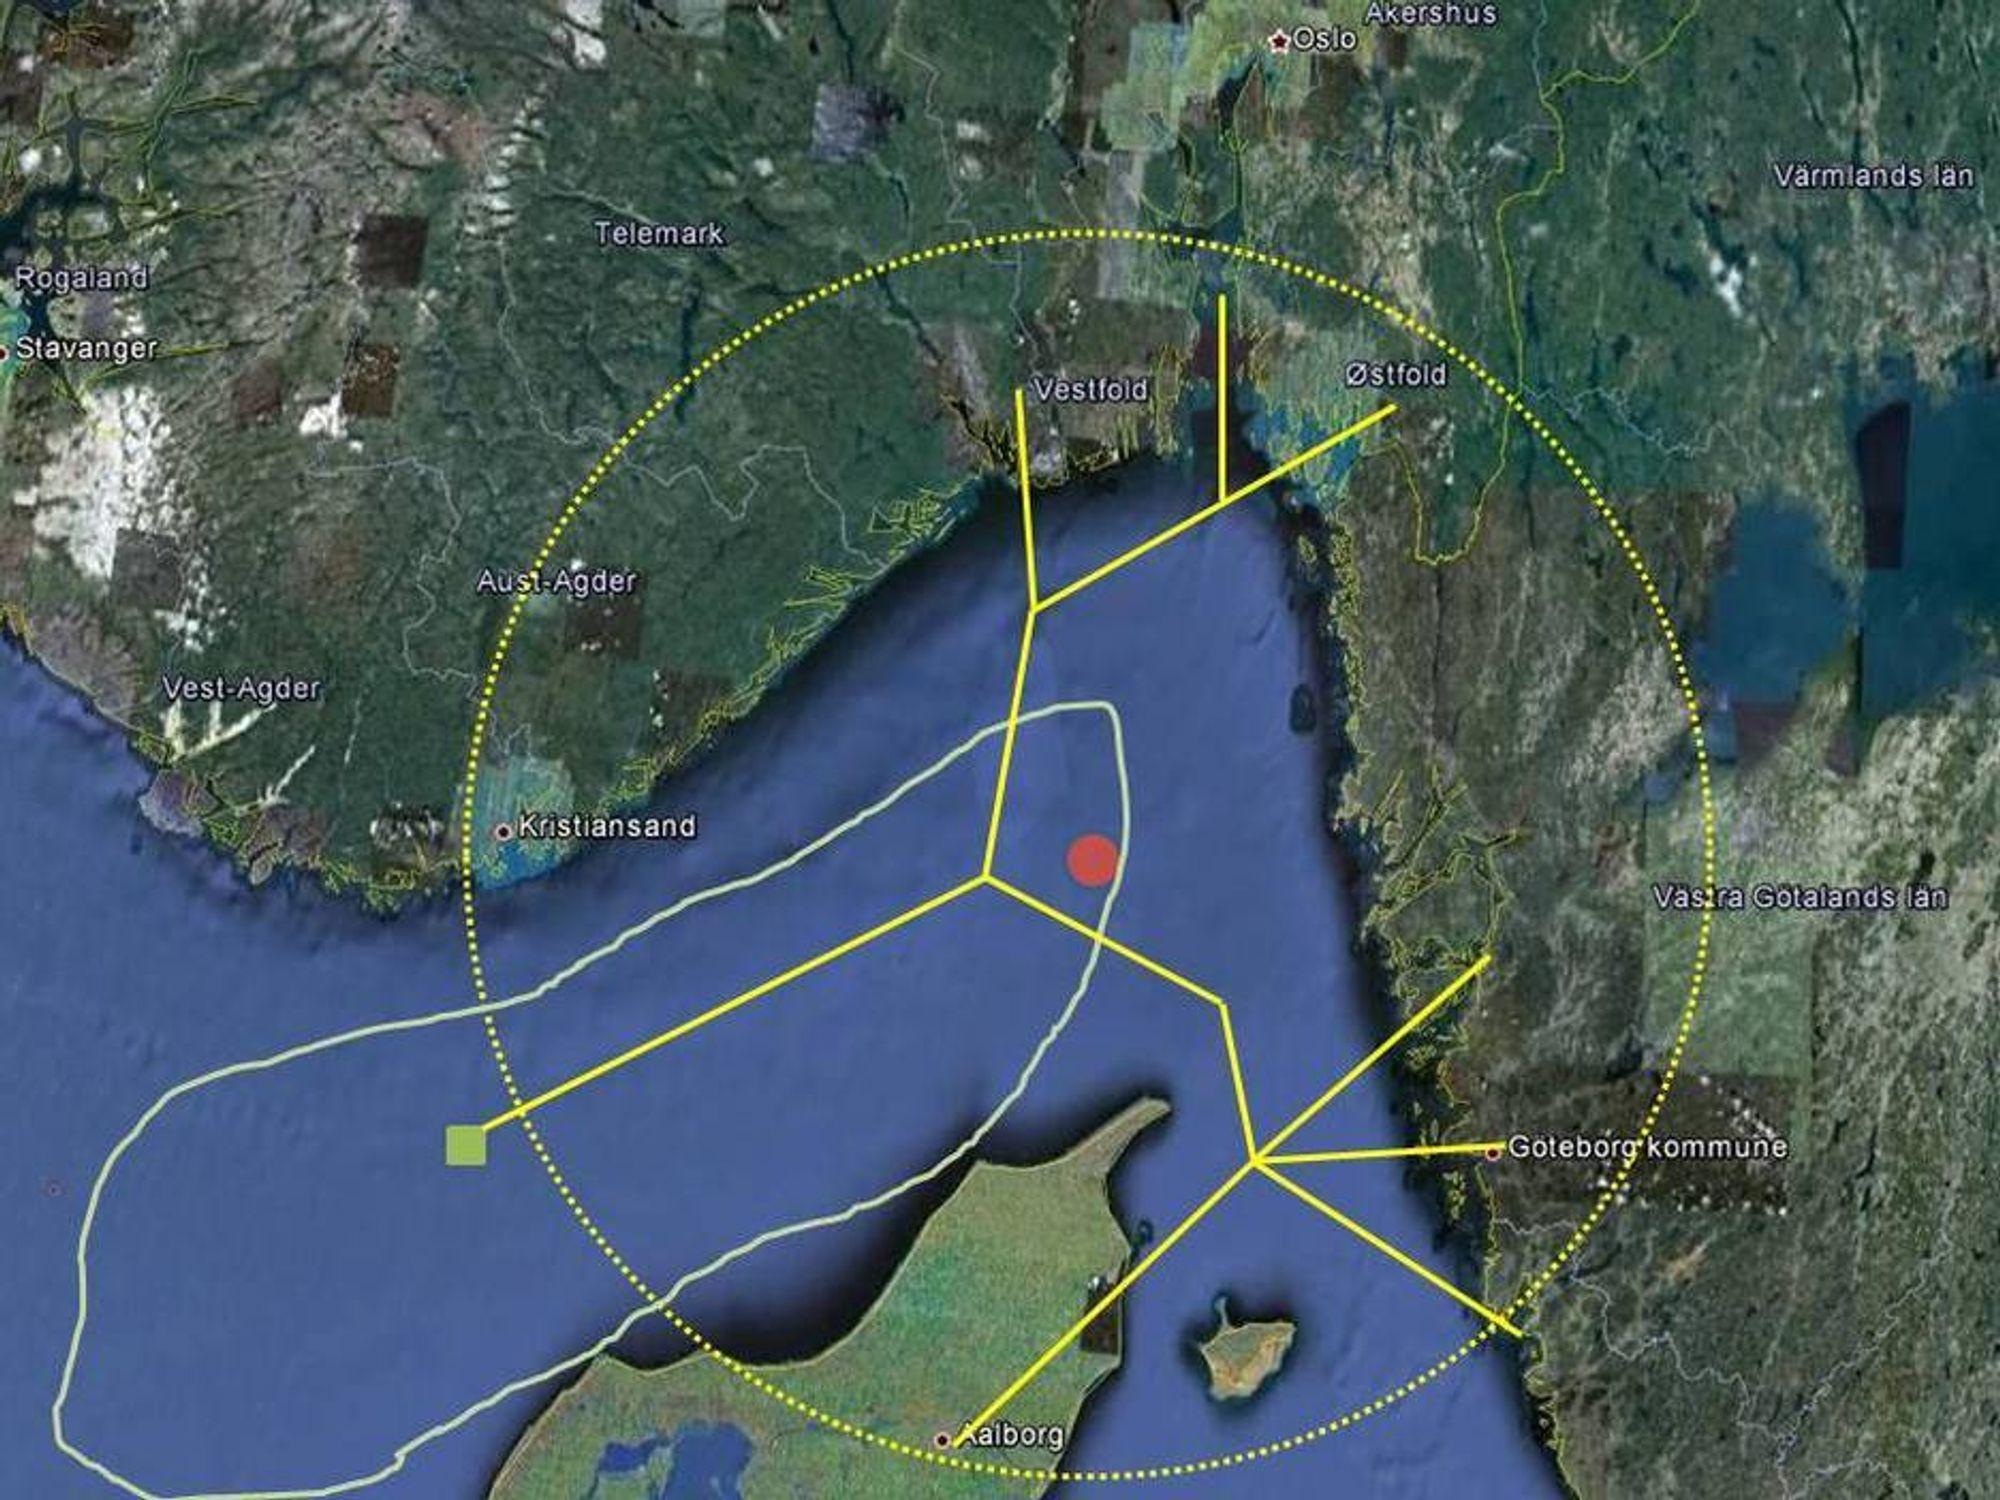 NETTVERK: Rørsystemet Nordiccs kan innenfor en radius av 100 kilometer ta mer enn 10 millioner tonn CO2 årlig fra industrien og lagre i de store geologiske formasjonenw Haldanger og Gassum som ligger 2000 meter under havbunnen i Skagerak. Injeksjonspunktet må ligge på norsk sokkel, da Norge er det eneste landet som hittil har godkjent avtalen om lagring av CO2 i havbunnen. 53 land står på ventelisten.